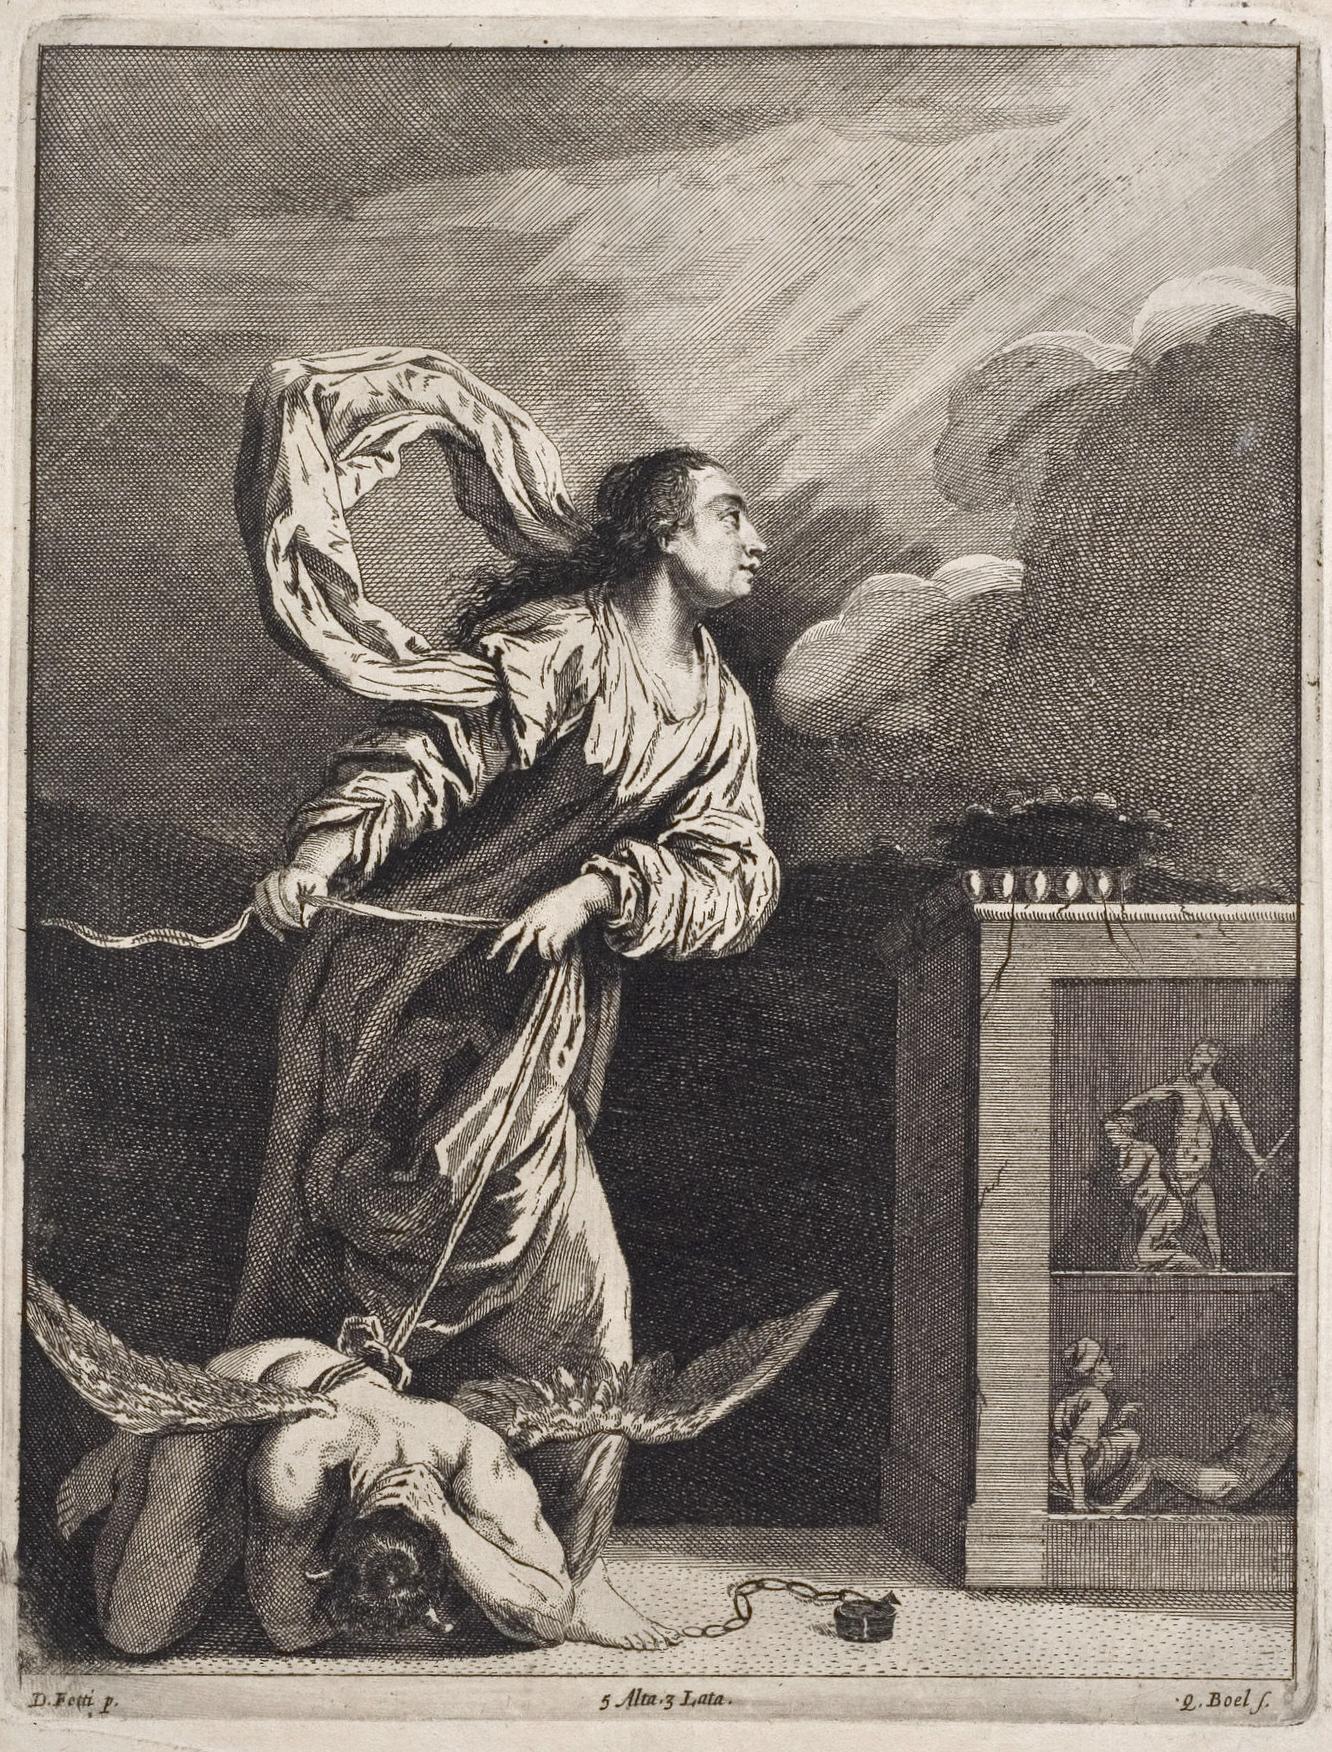 Reproduktion nach Domenico Fetti, Die hl. Juliana von Nikomedien besiegt den Teufel, 1660, Fürstlich Waldecksche Hofbibliothek Arolsen (CC-BY-SA 3.0)